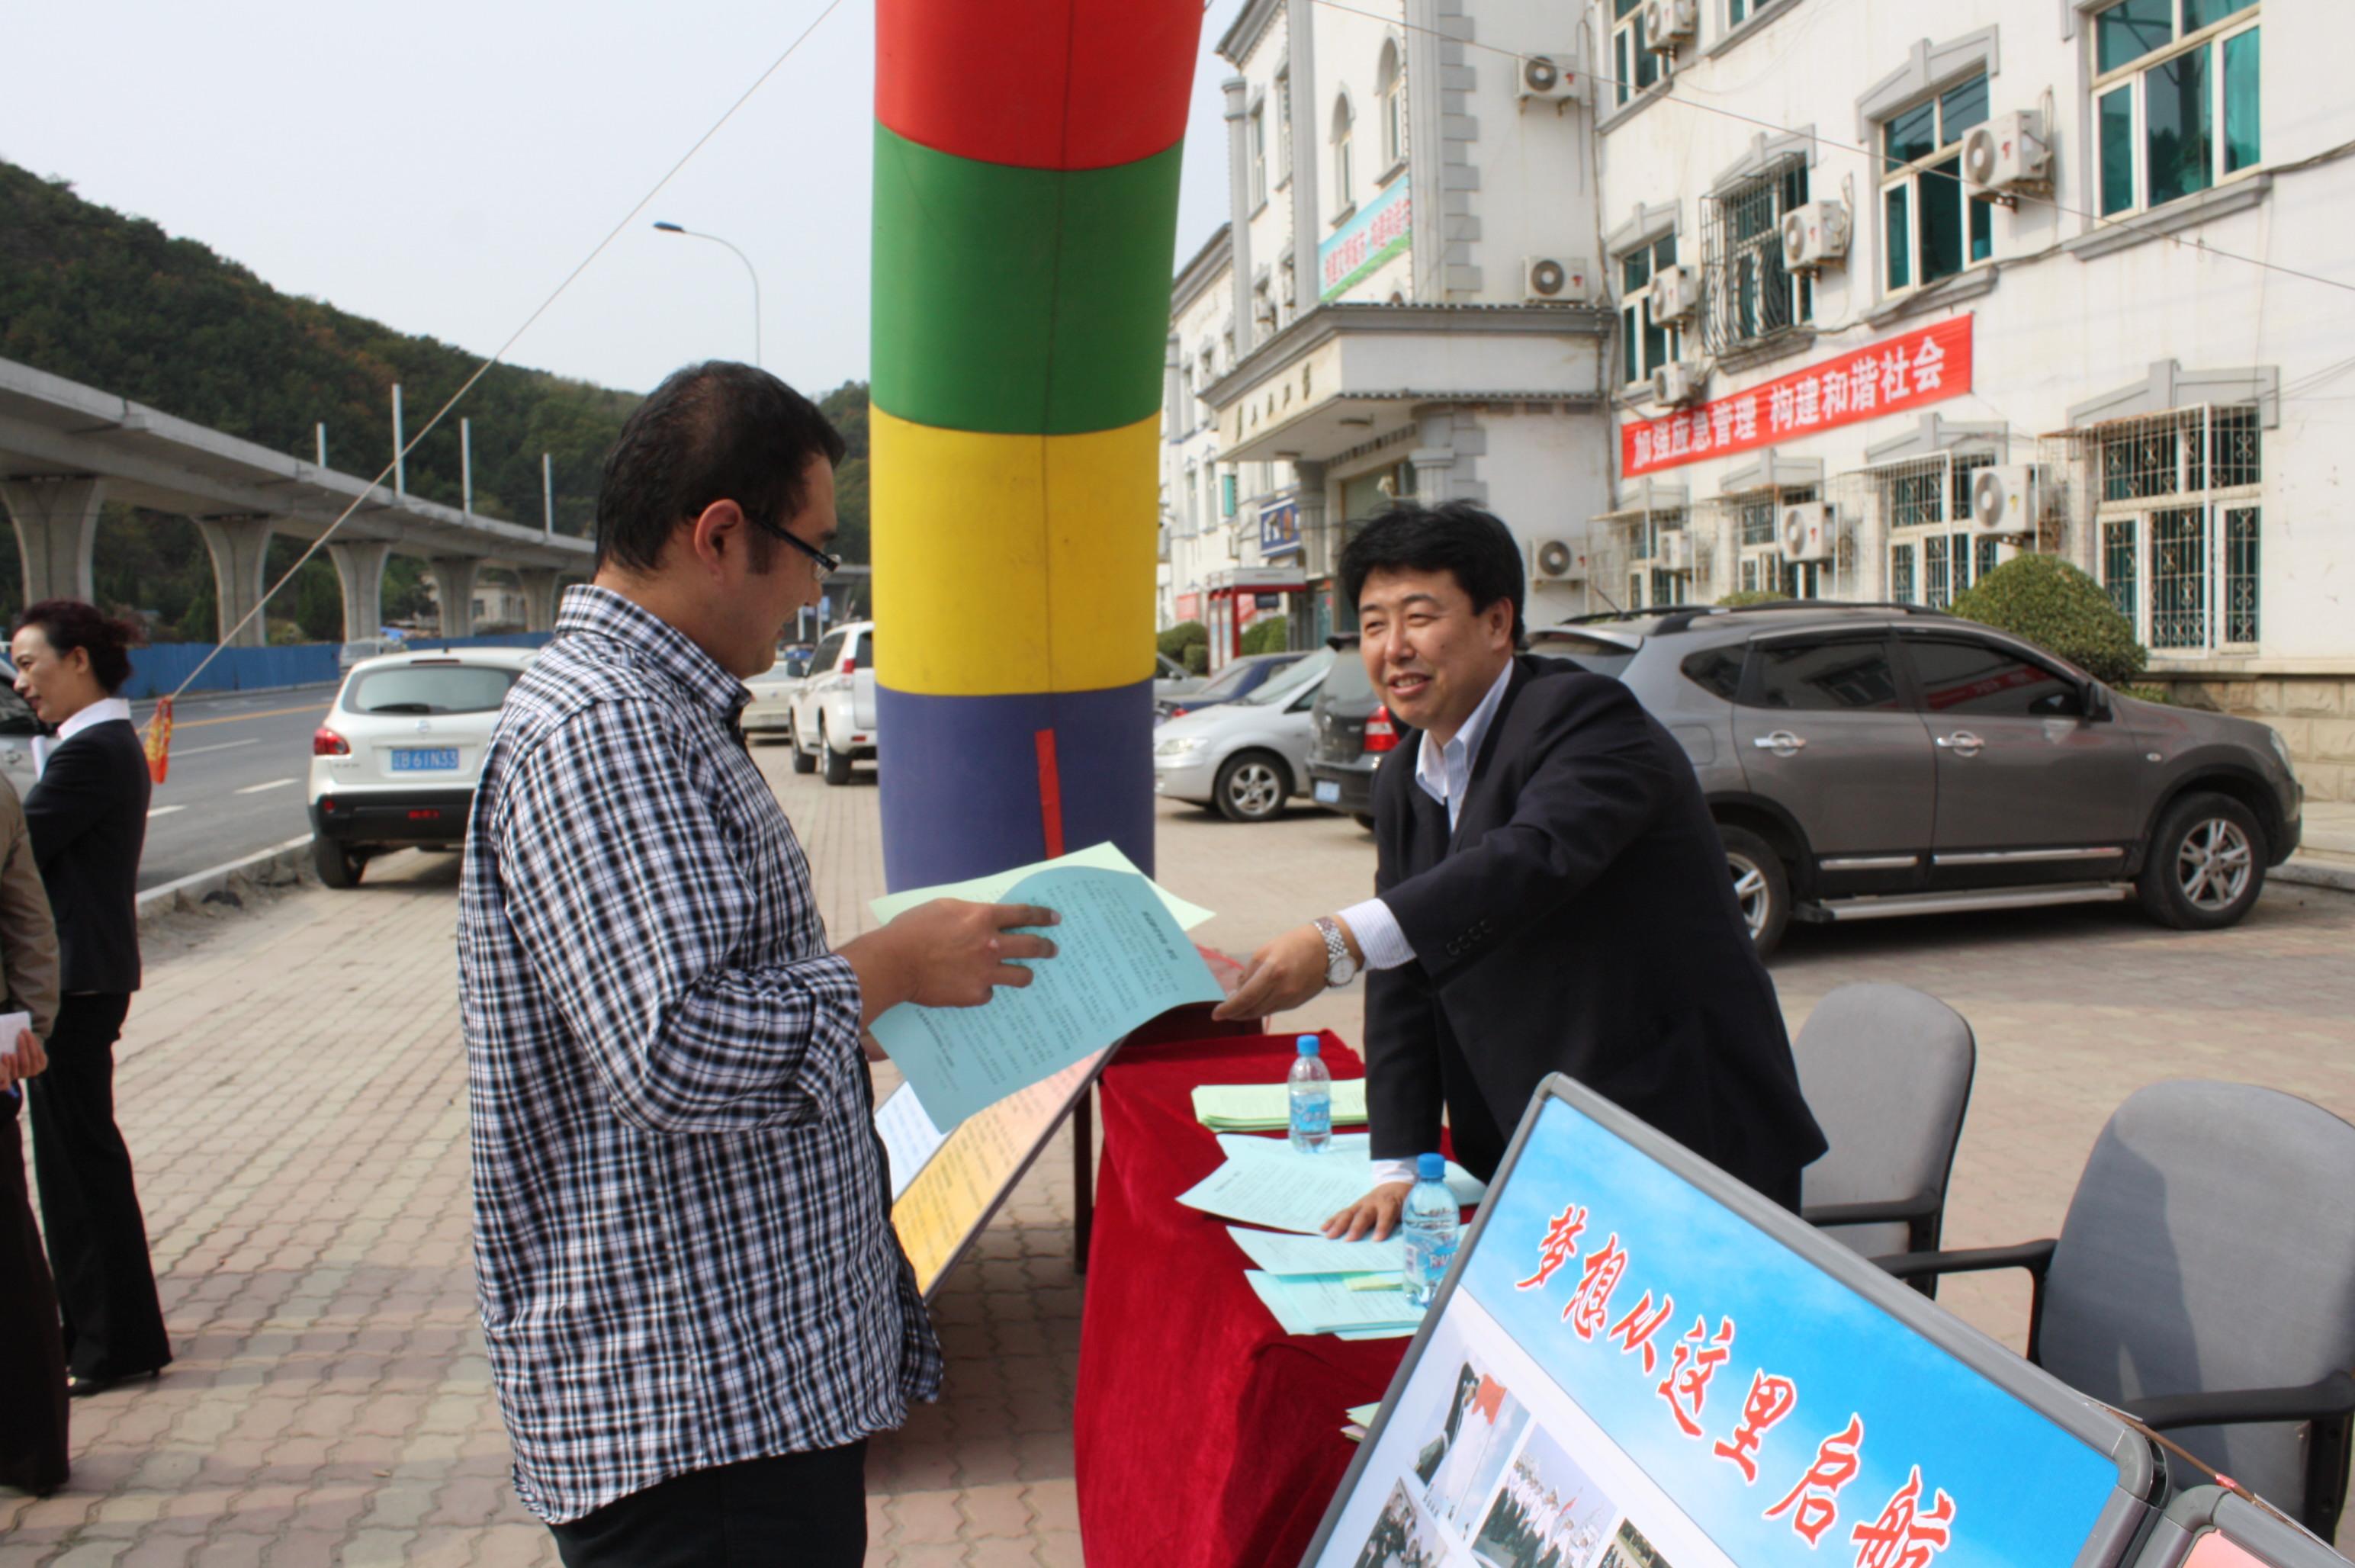 龙王塘街道办事处主任赵百强等街道领导汇报冬季征兵工作进展情况 -图片